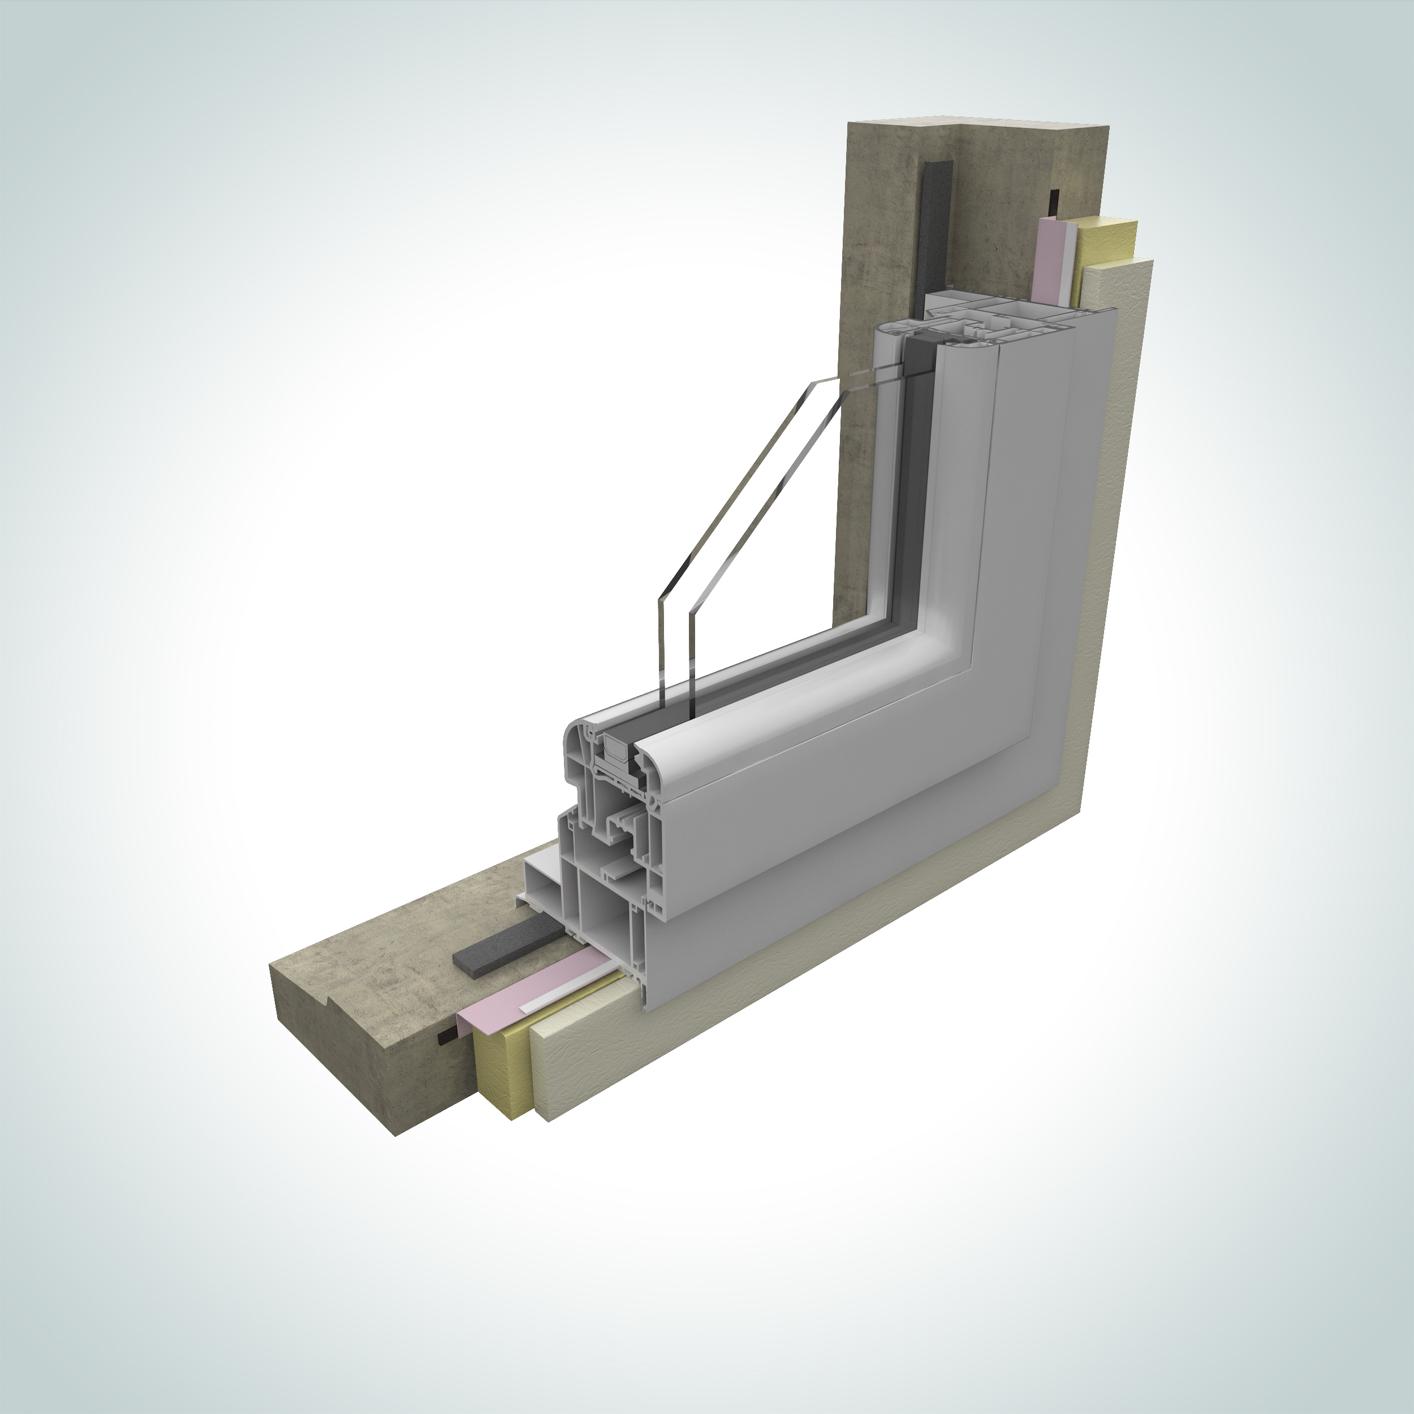 Dripmoon-archvis-graphiste3D-design-produits-images-3D-modelisation-fenetres (4)